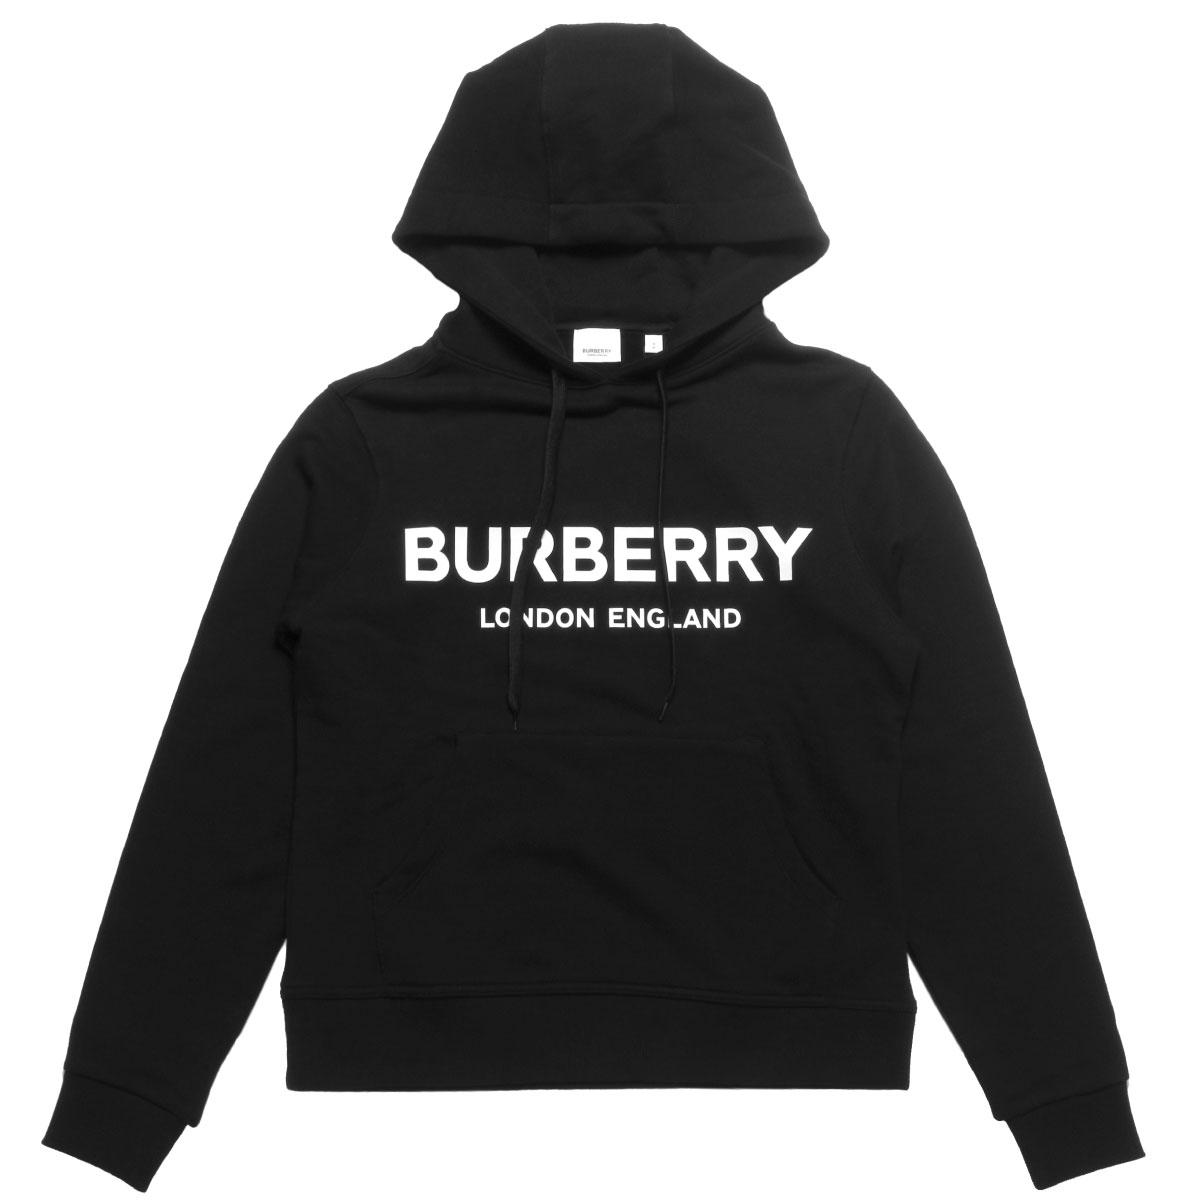 バーバリー BURBERRY パーカー レディース 8011652 フード付 長袖パーカー BLACK ブラック